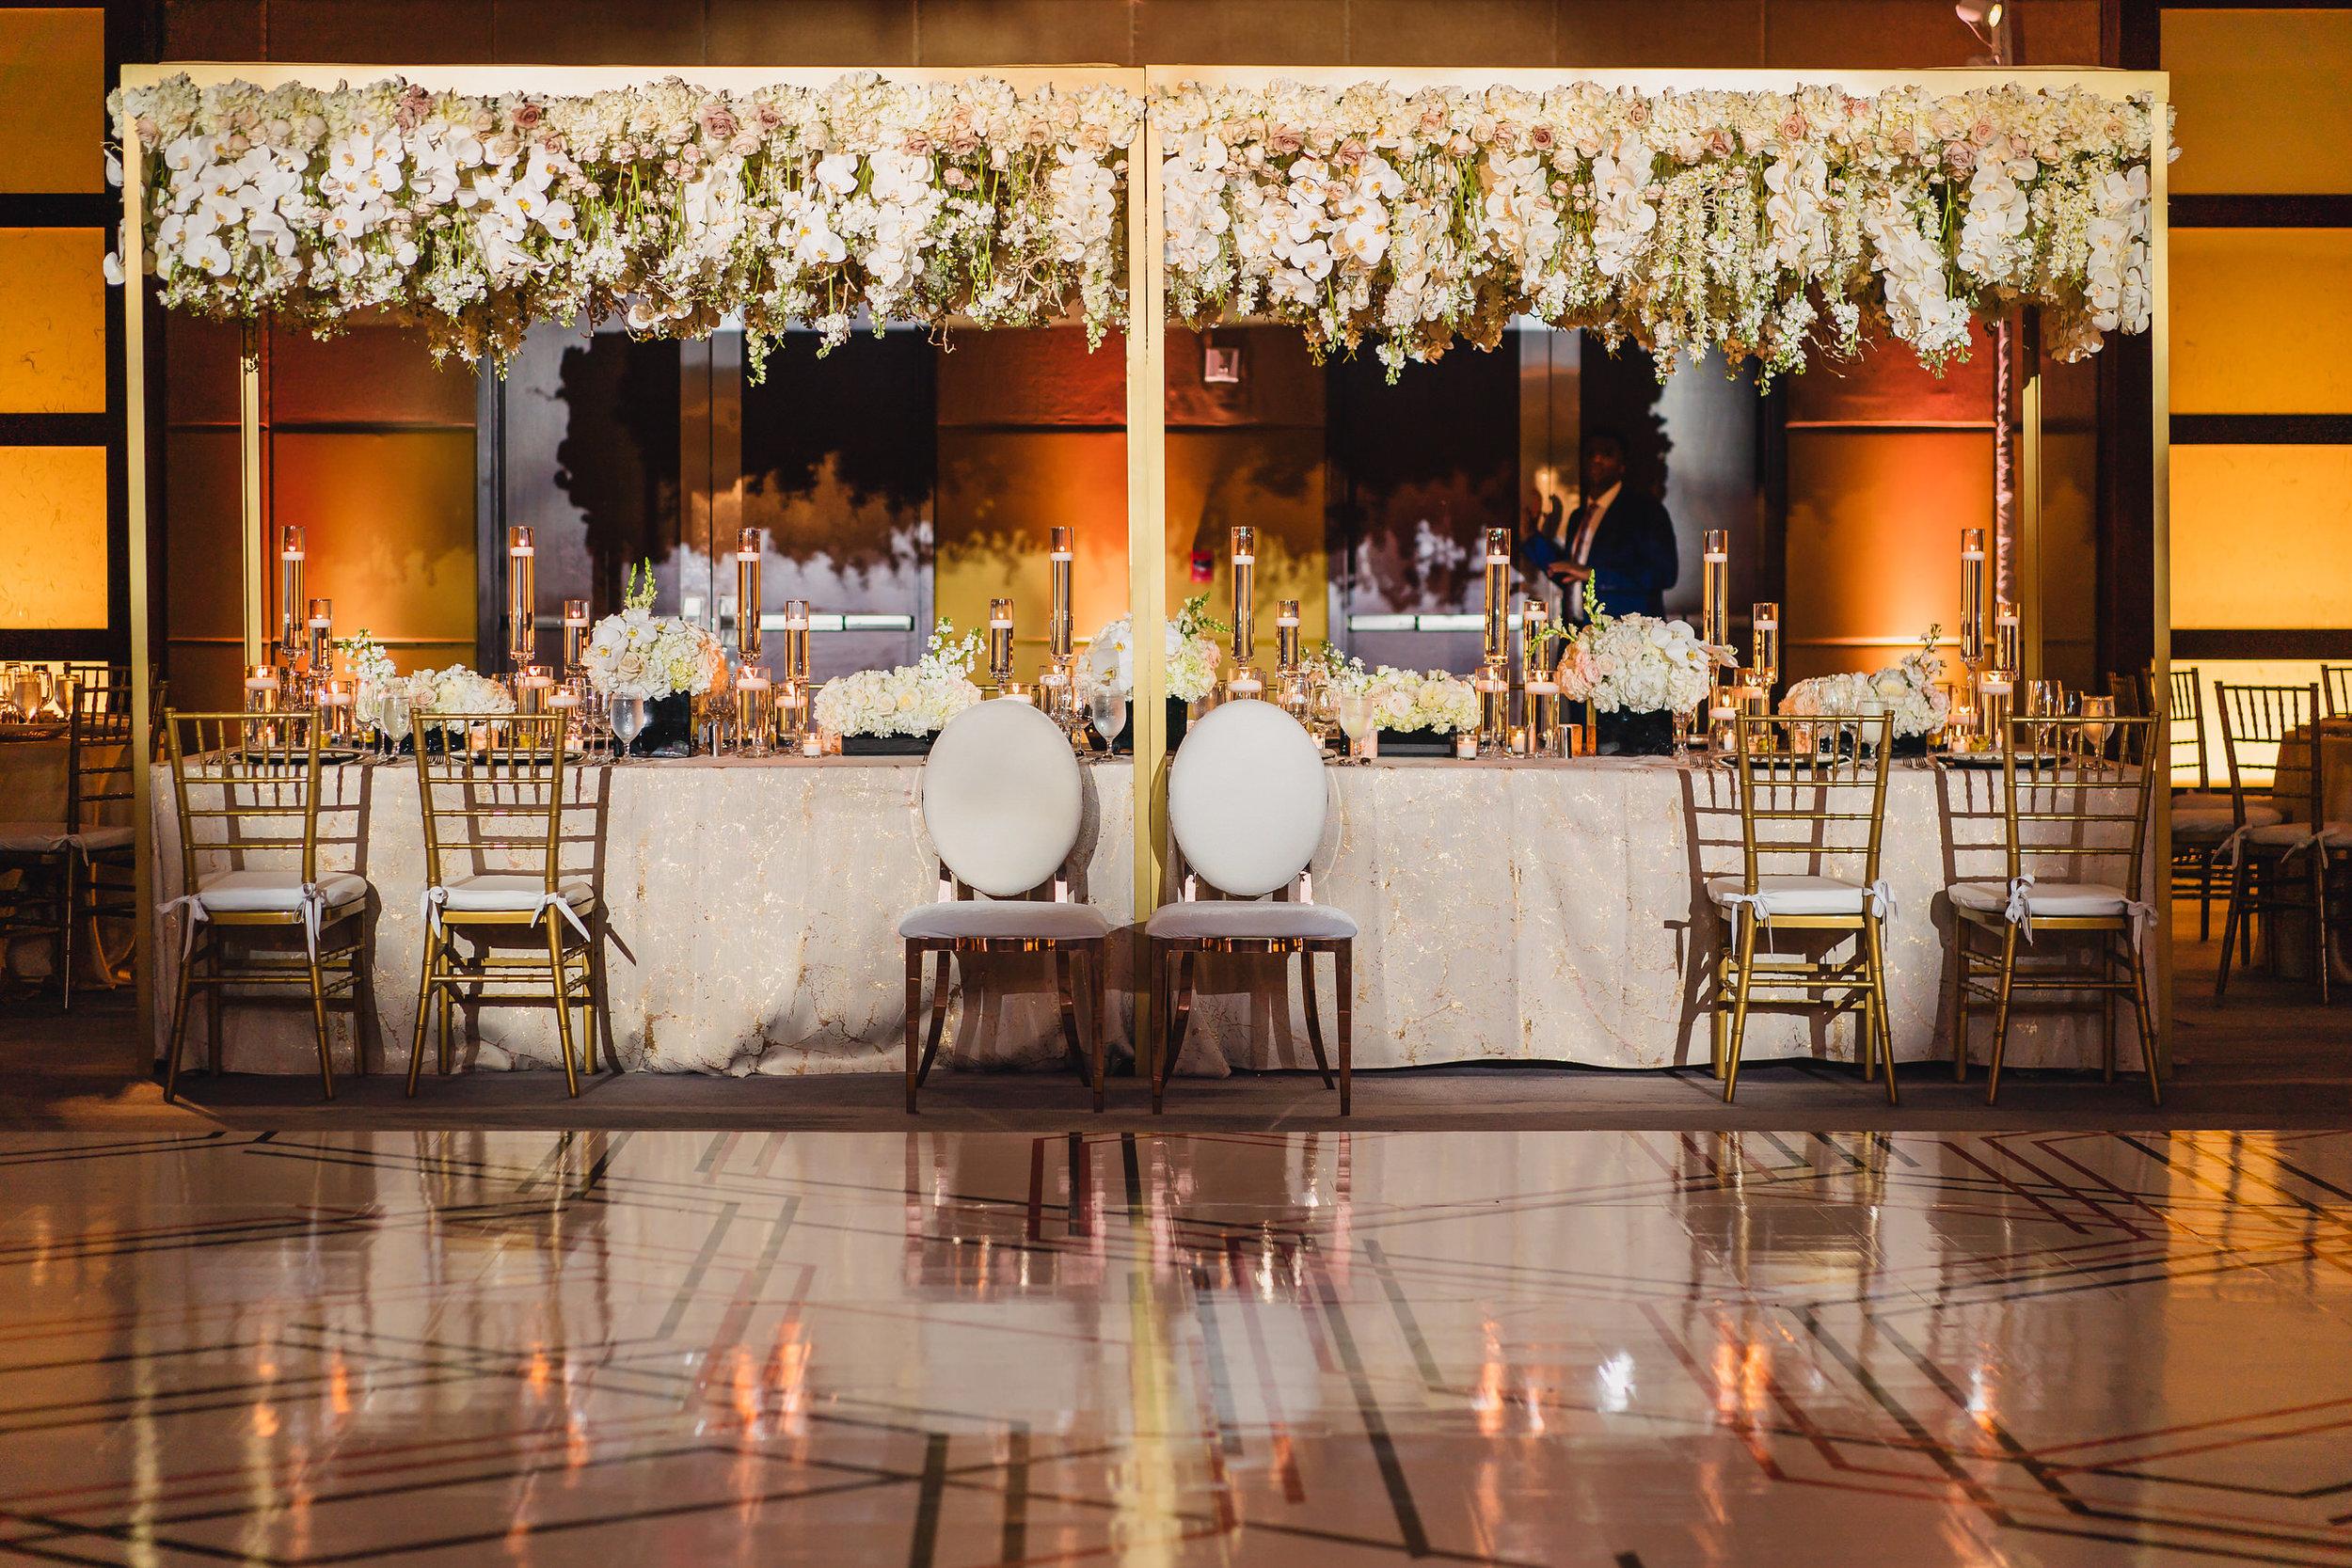 INDIAN WEDDING DINNER TABLE SETTING.JPG